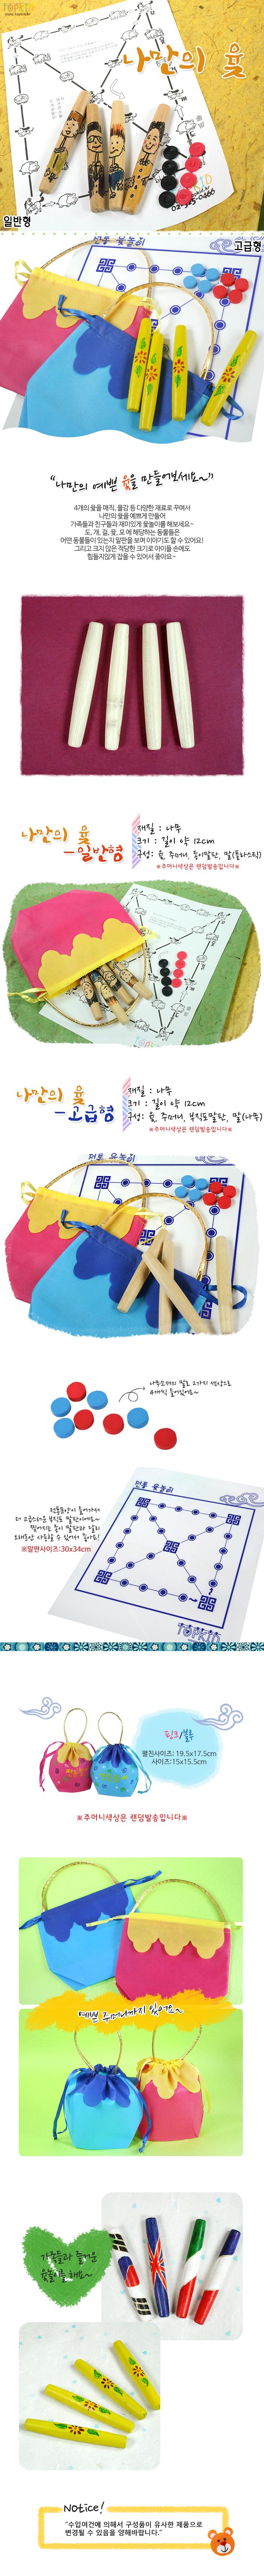 반제품 나만의 윷set 일반형(주머니 포함) - 하비파티, 2,000원, 우드공예, 우드공예 패키지